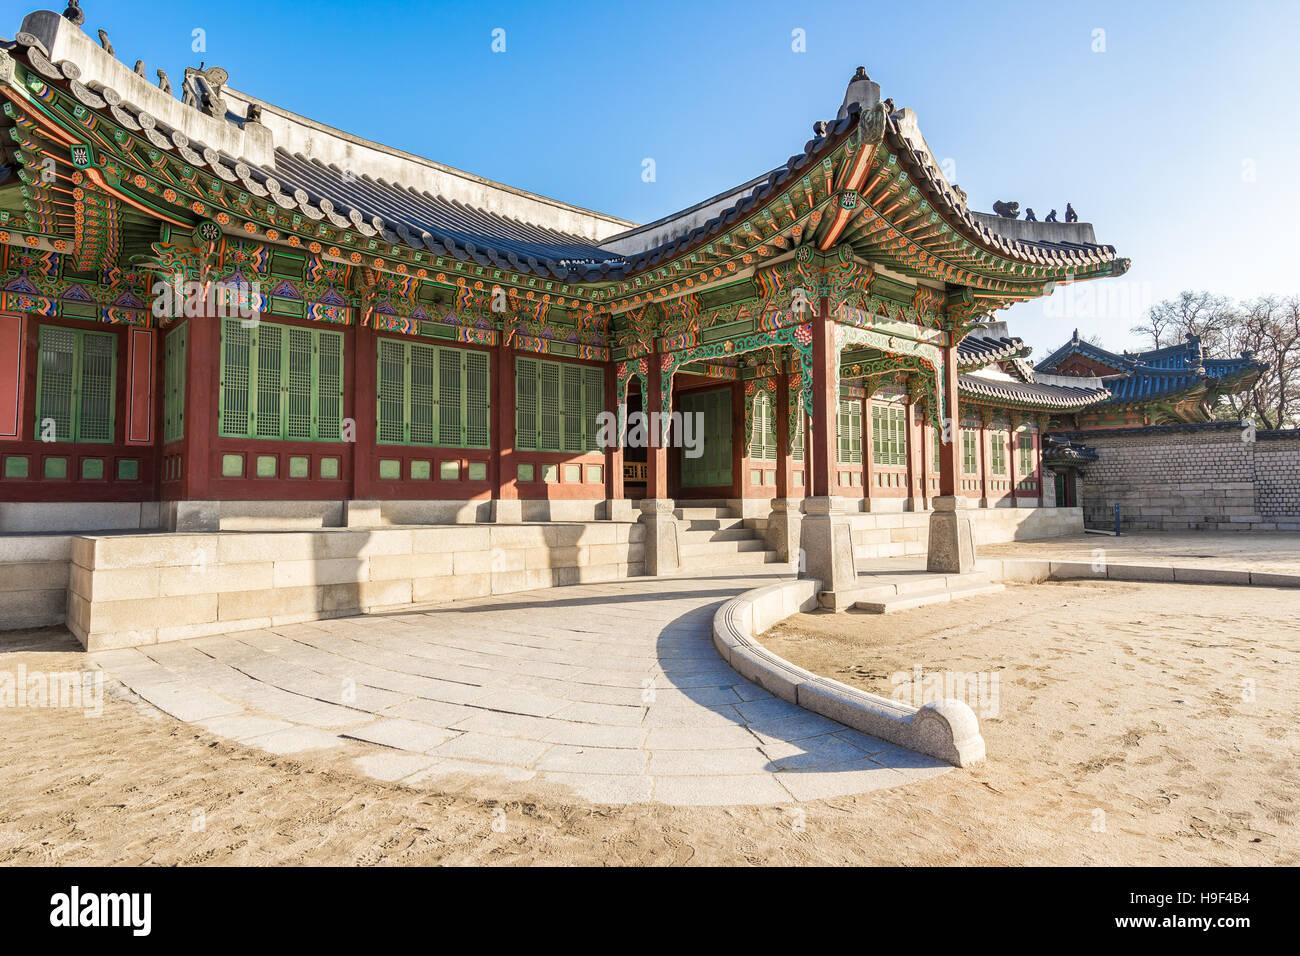 Seúl, Corea del Sur - Diciembre 5, 2015: el palacio de Changdeokgung fue la segunda villa real, construida Imagen De Stock